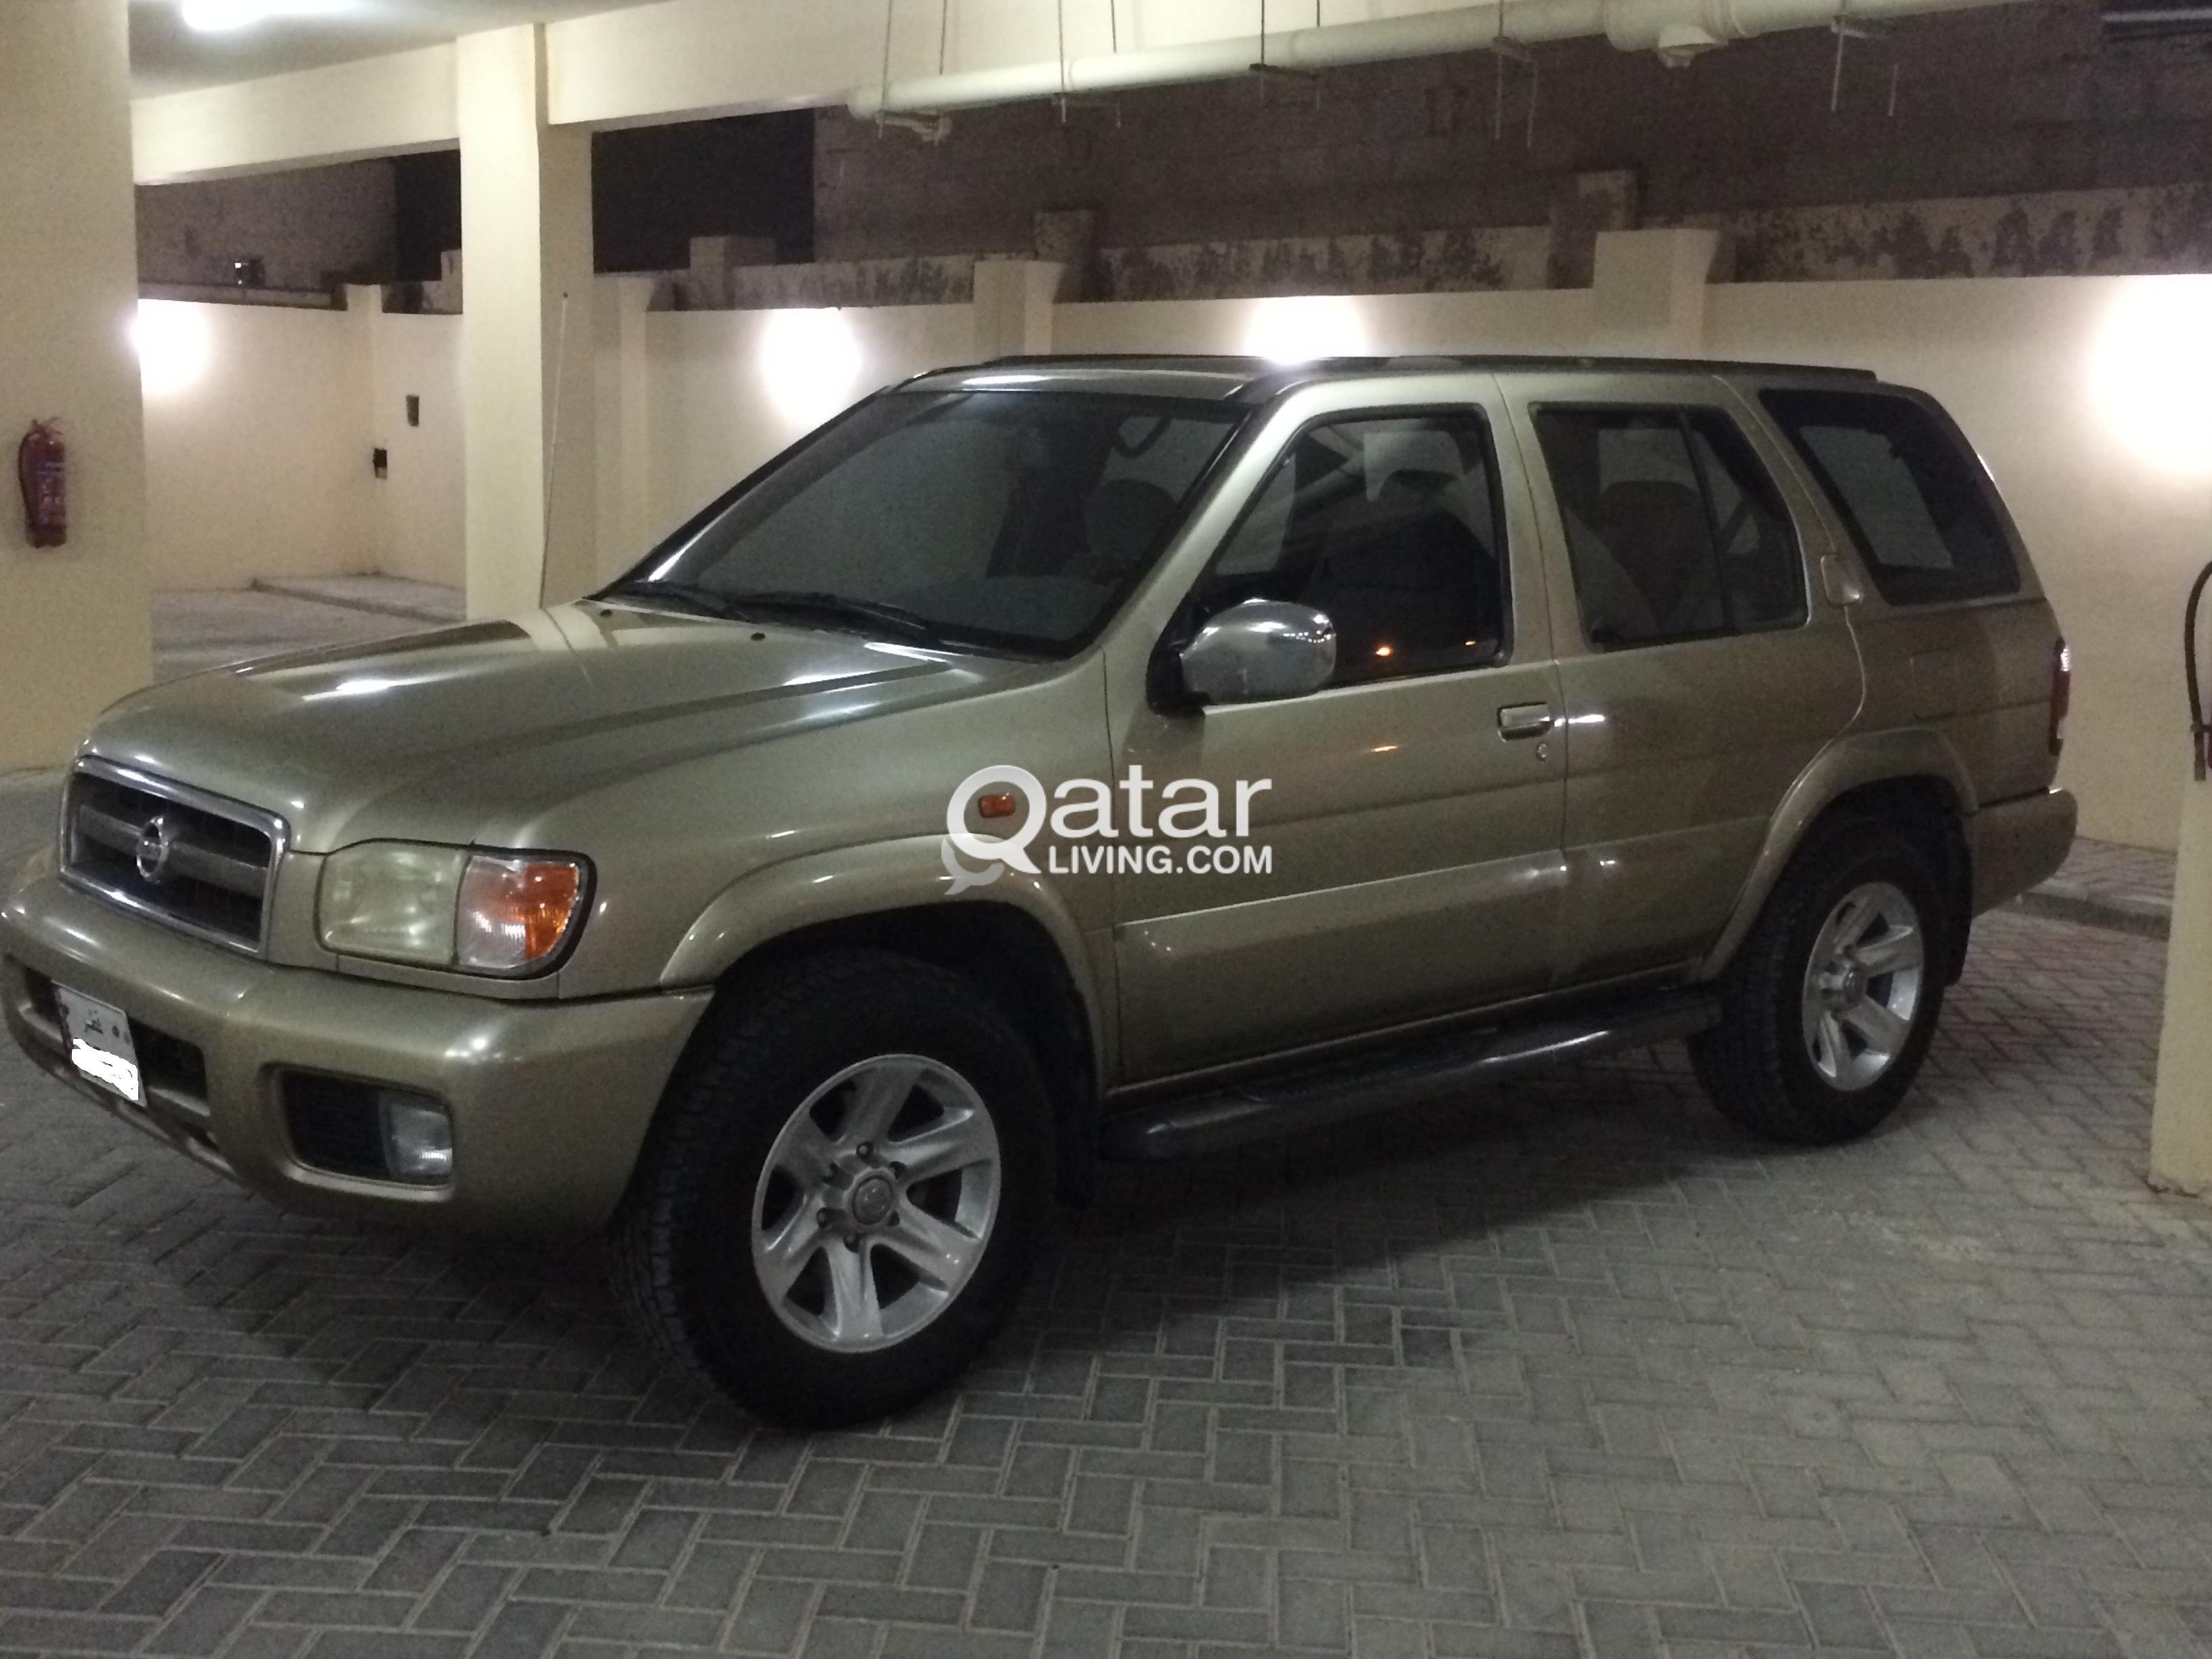 nissan for car r dsc sales inc sale pathfinder s listings